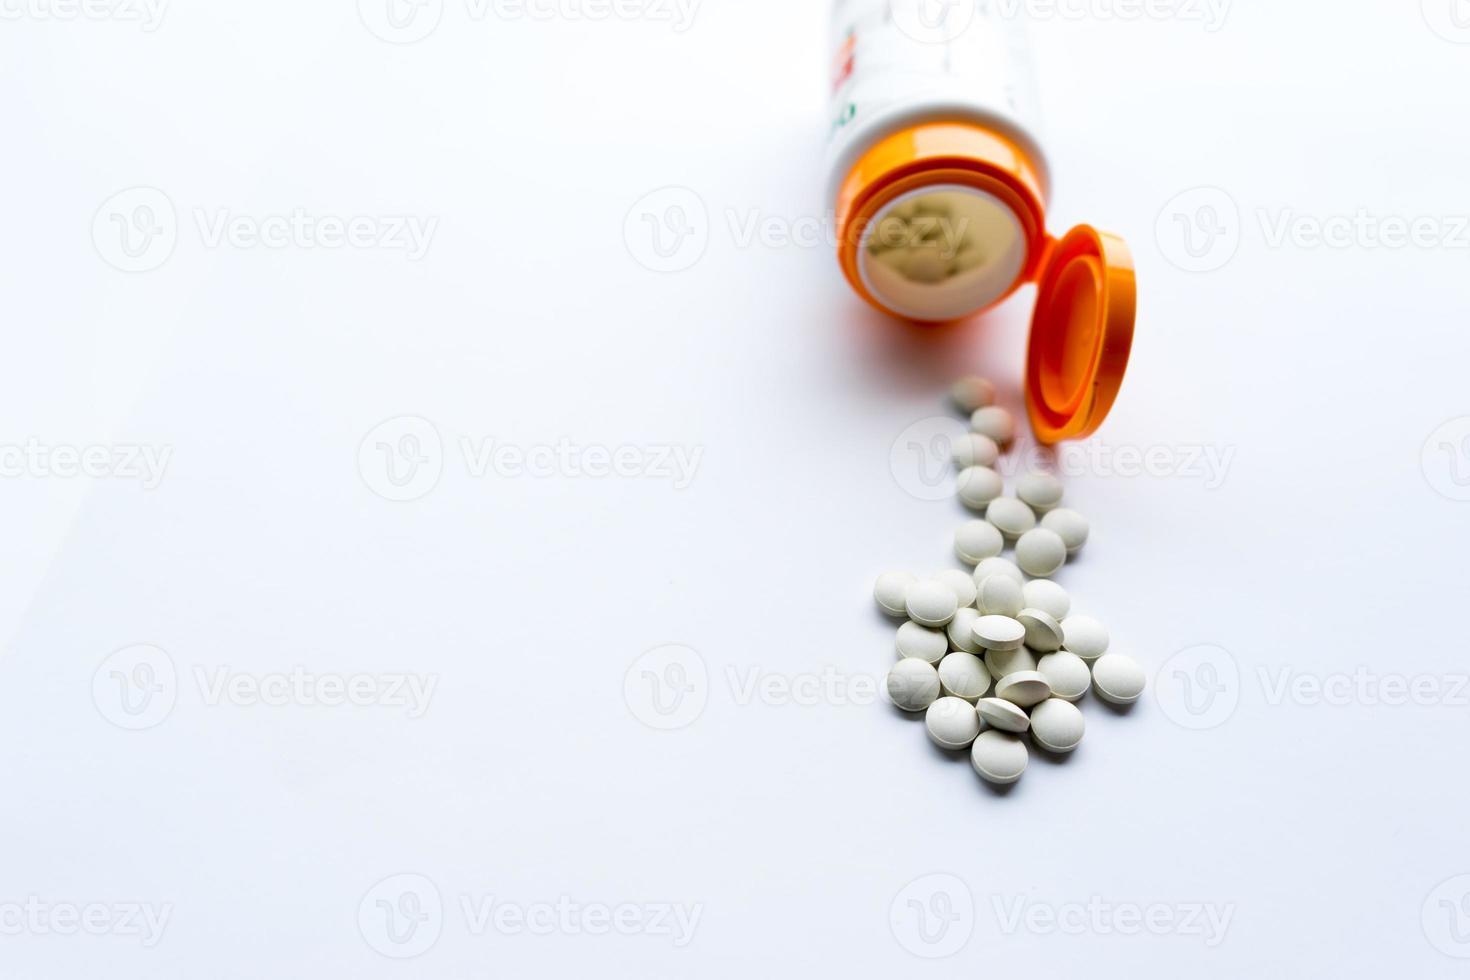 pilules sortant de flacon de médicament, sur fond blanc photo